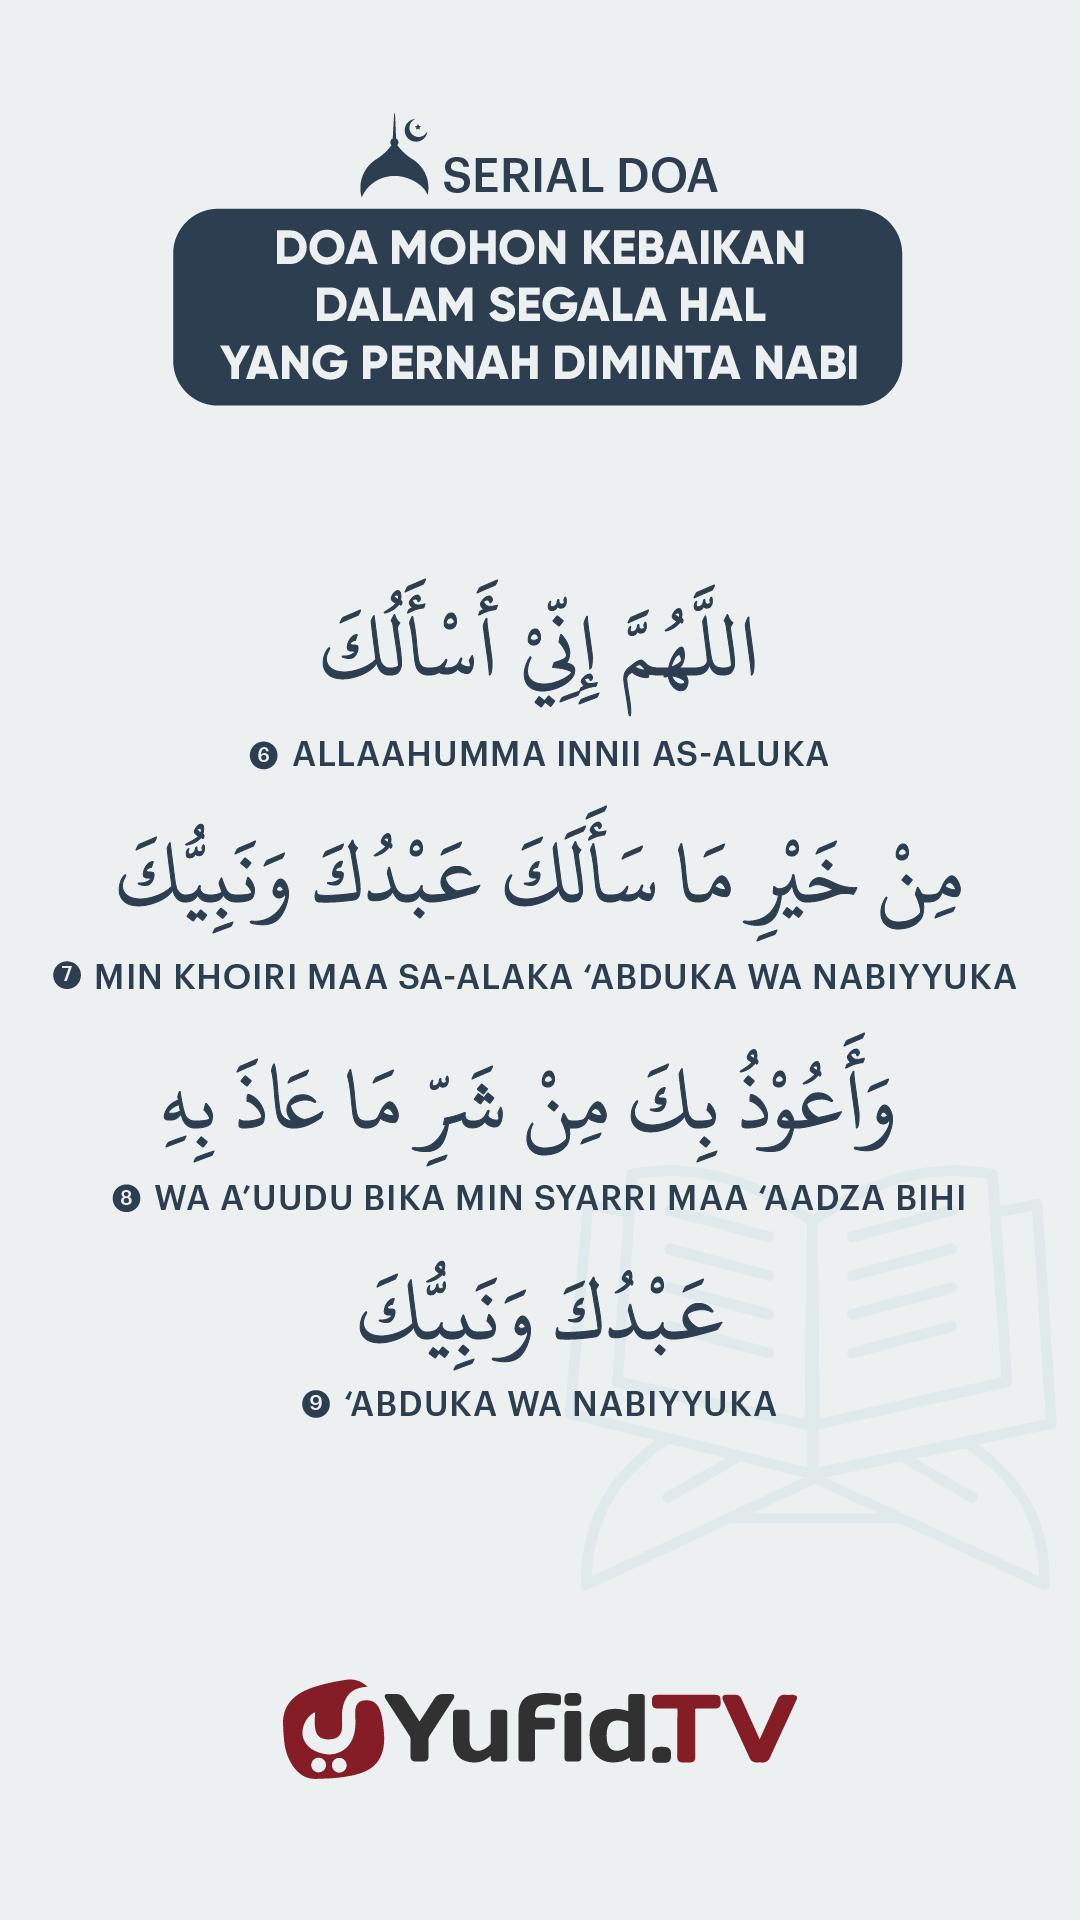 Doa Mohon Kebaikan dalam Segala Hal yang Pernah Diminta Nabi – Vertical2@72x